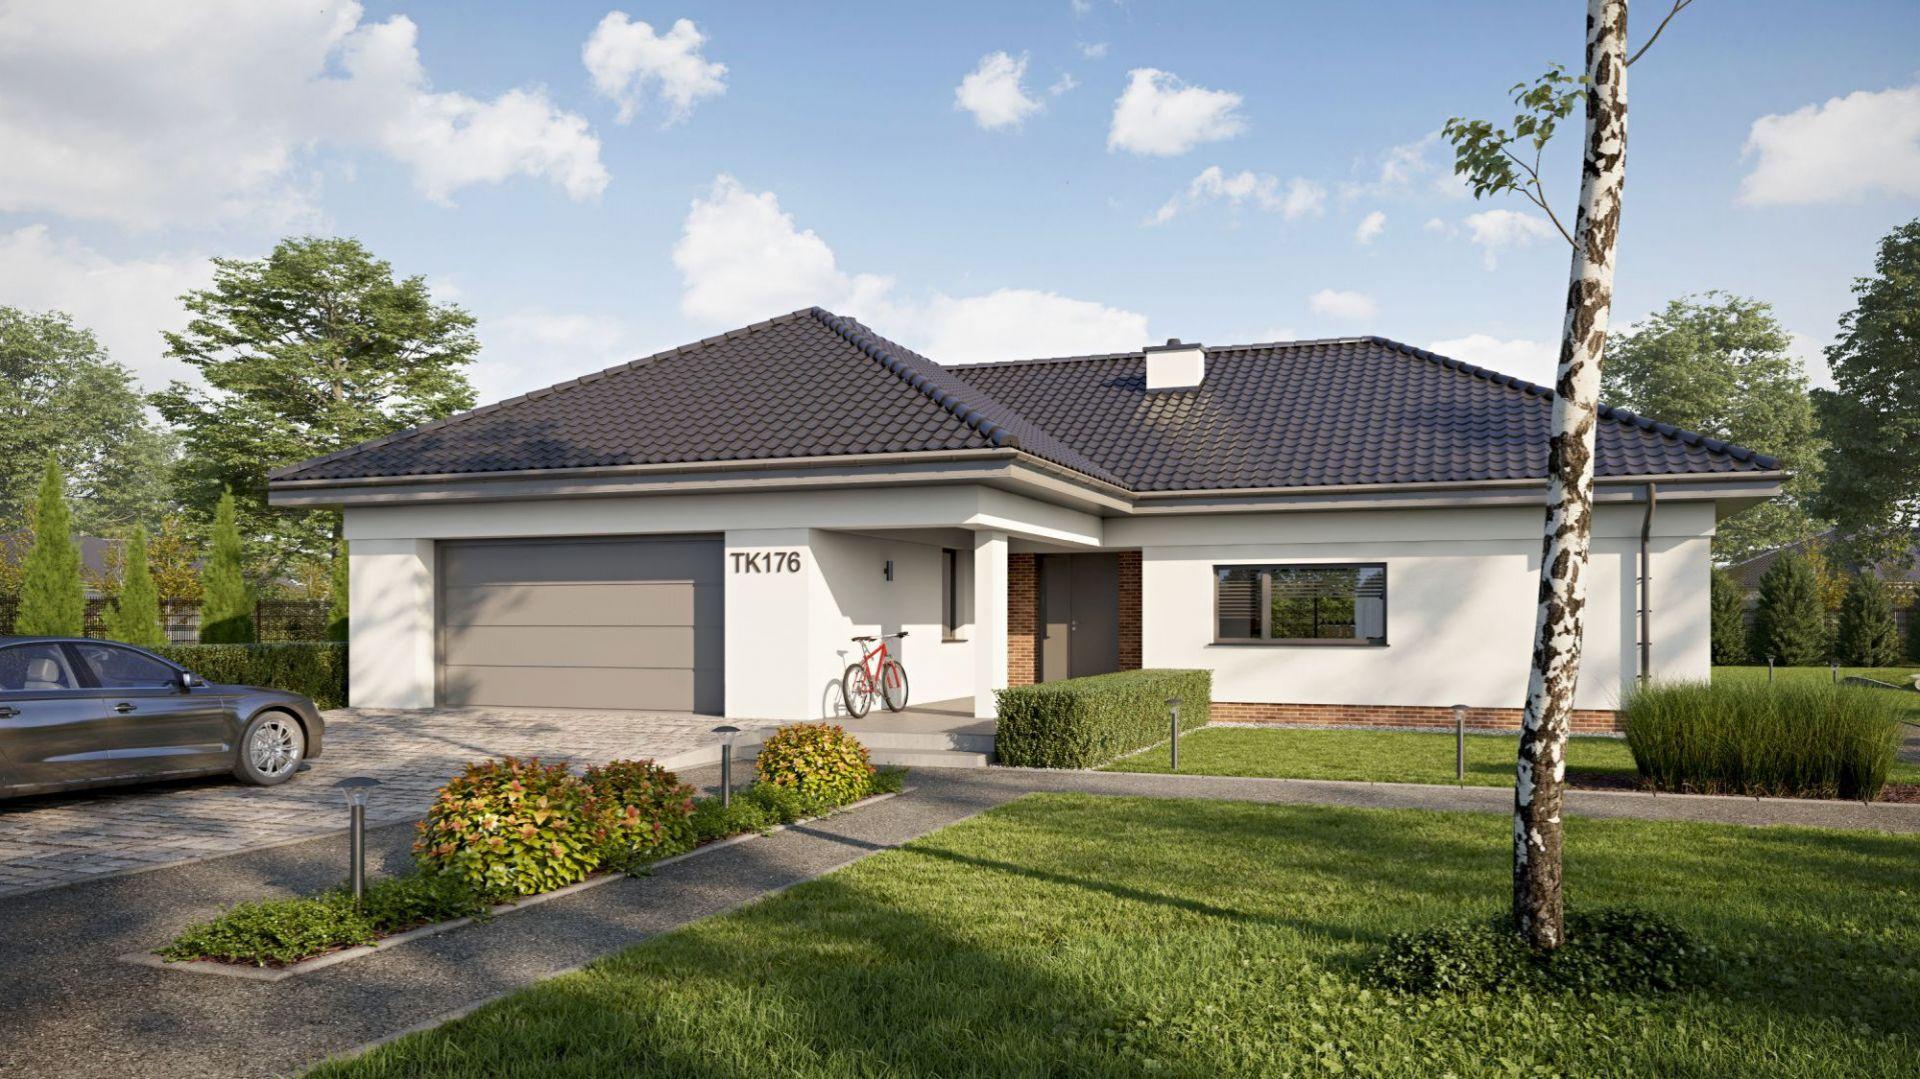 Dom z garażem. Projekt: Dom TK 176. Fot. Architeka